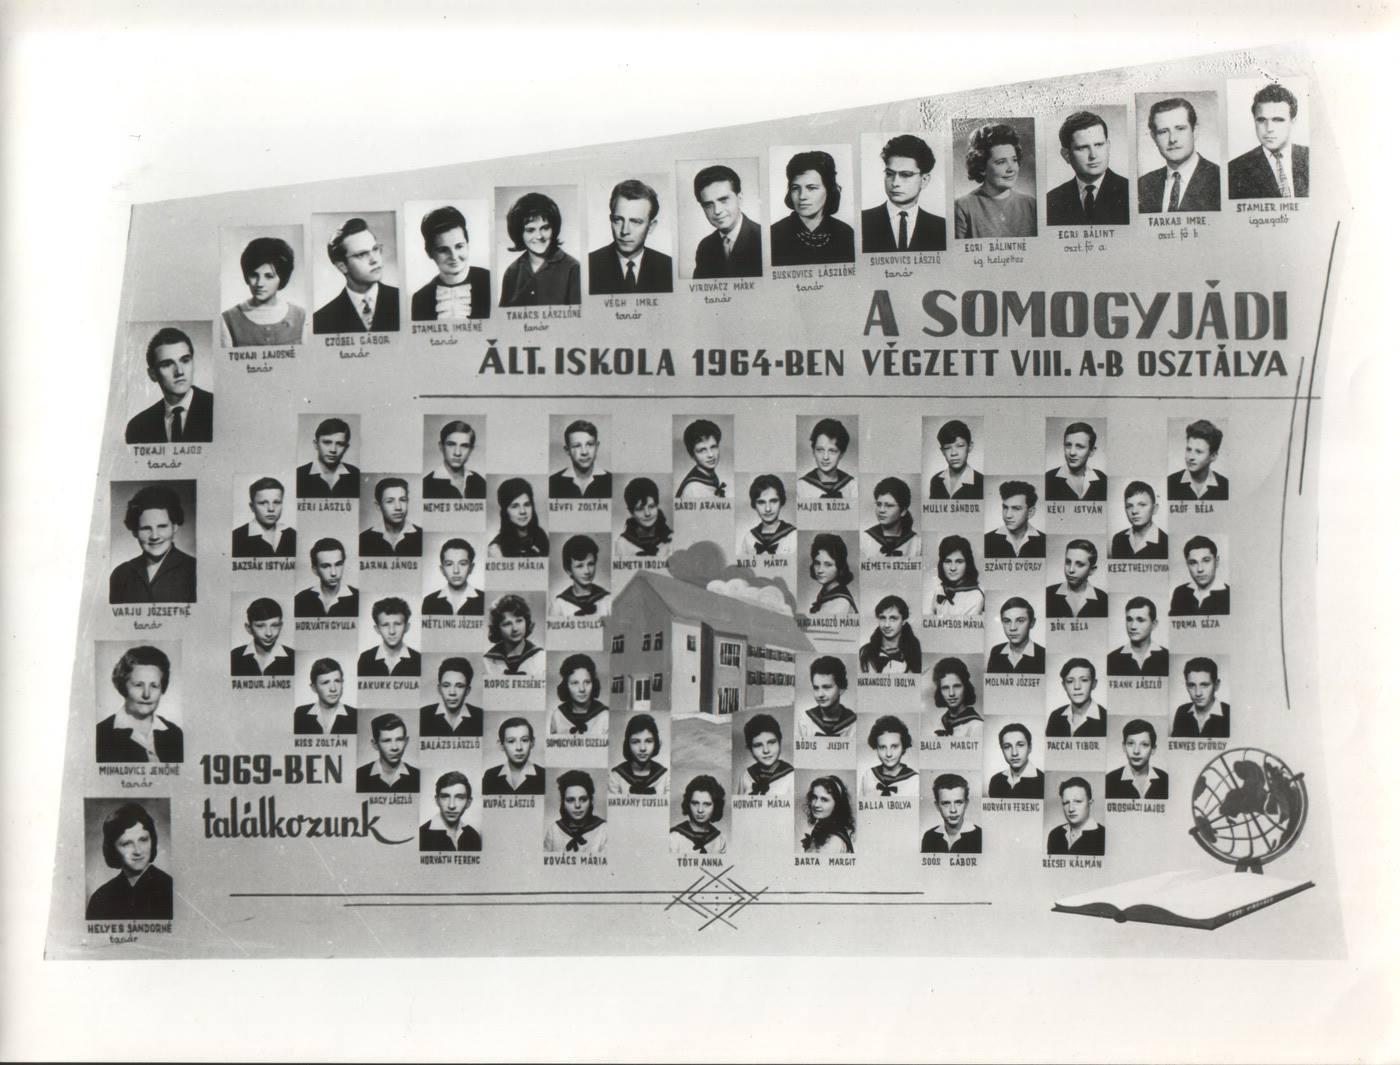 somogyjadi_iskola_1964.jpg